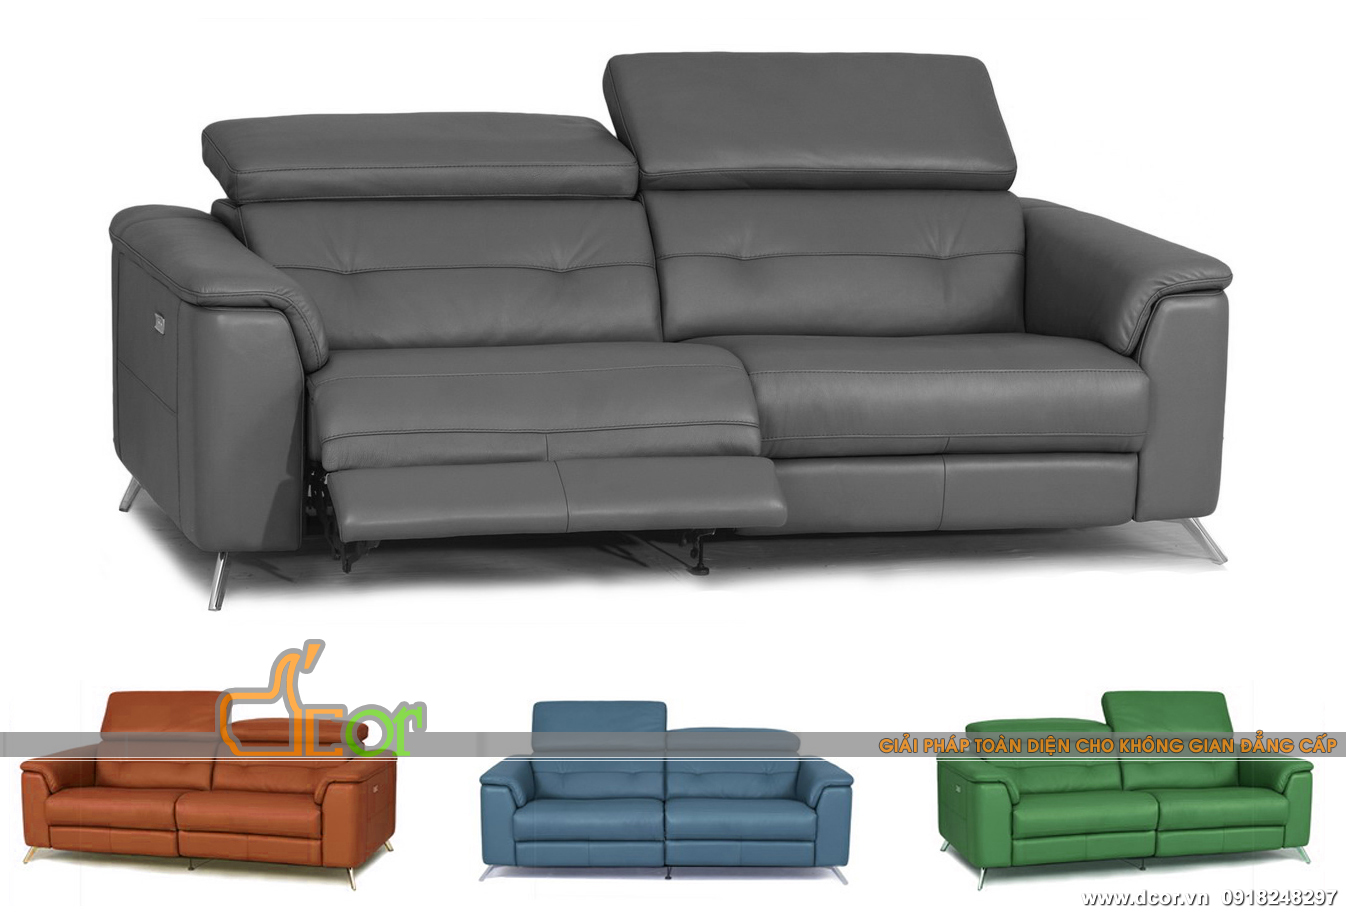 Mẫu sofa da hiện đại nhập khẩu Hàn Quốc với nhiều màu sắc